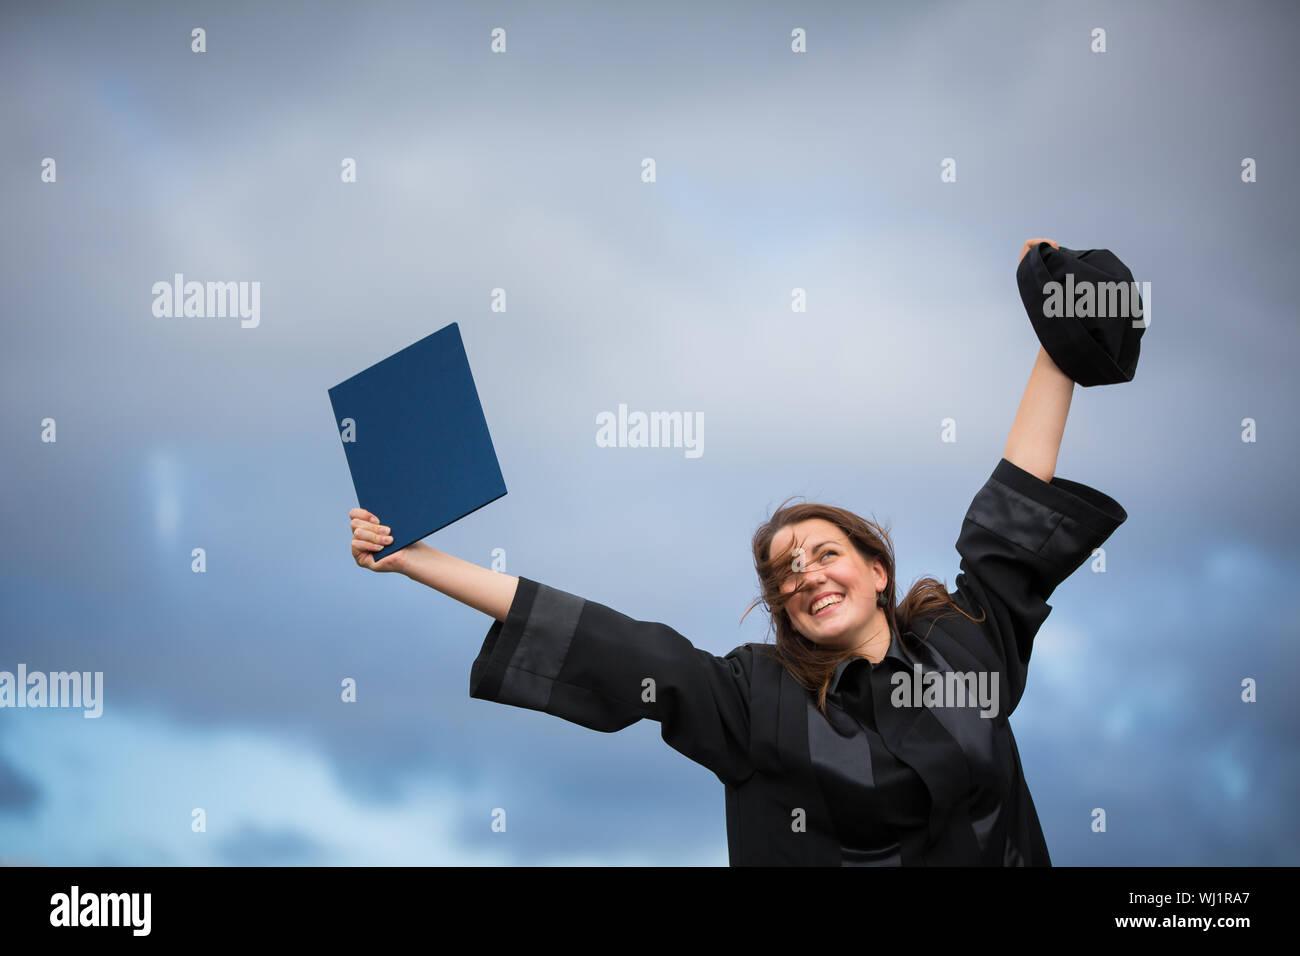 Bastante joven, celebrando con alegría su graduación - difusión amplia sus brazos, sosteniendo su diploma, saboreando su éxito (la imagen en tonos de color; shal Foto de stock